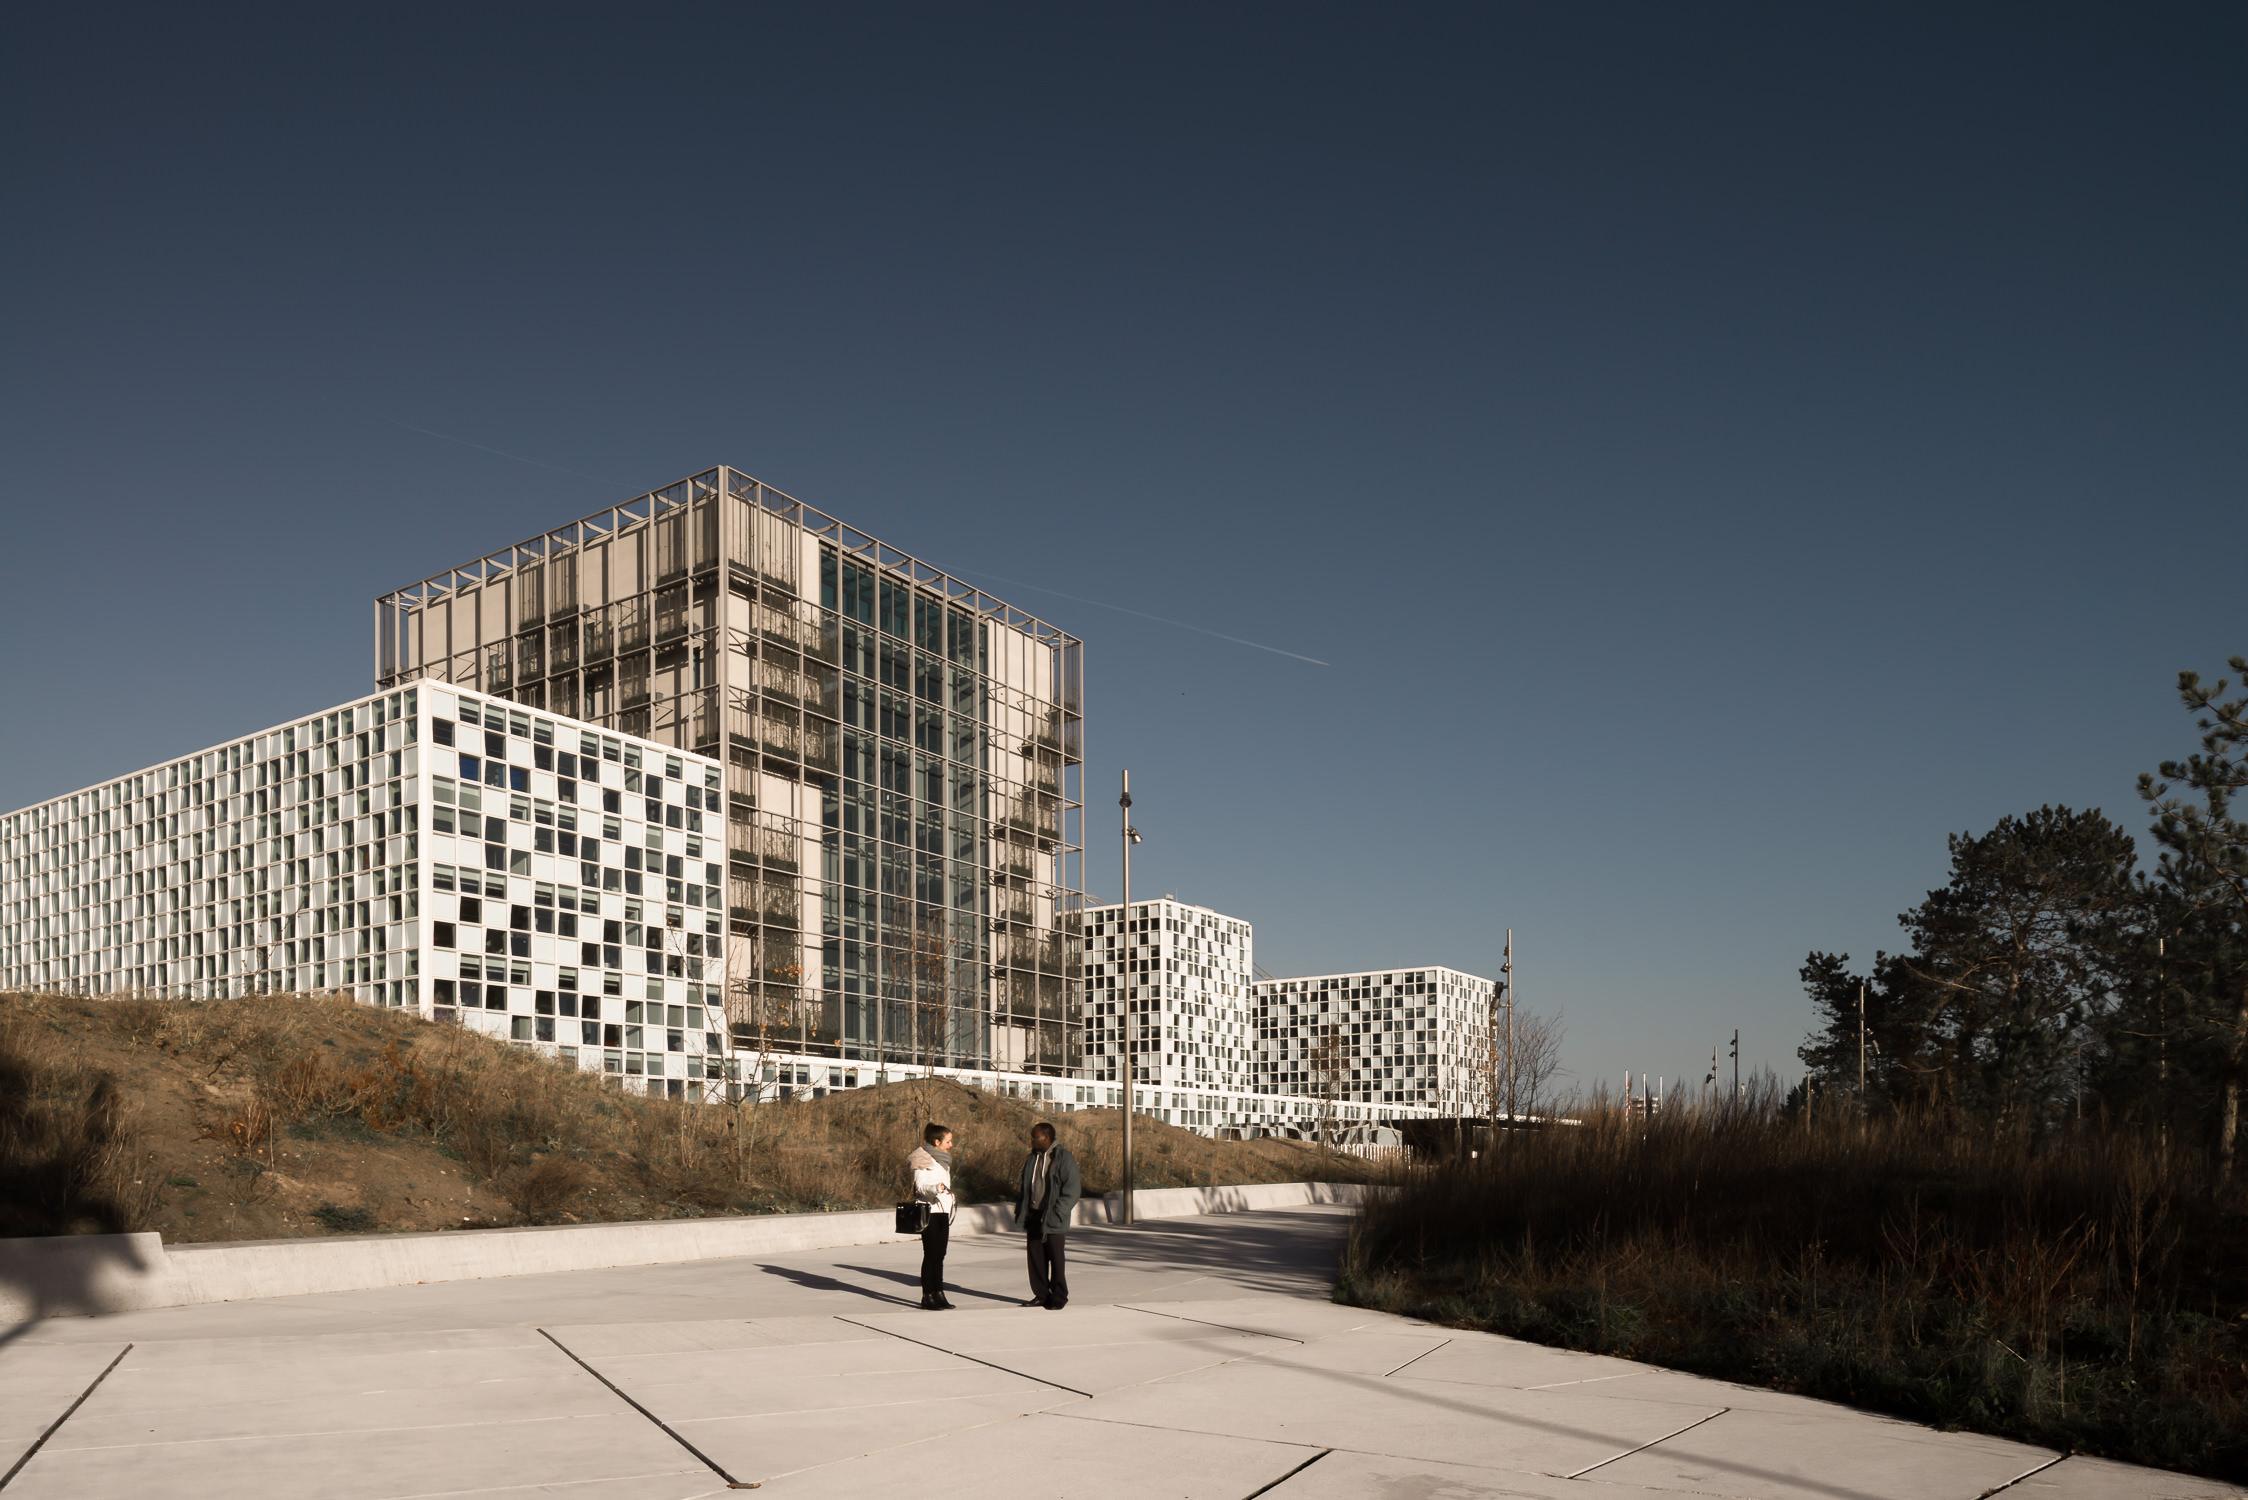 mark-hadden-architecture-photographer-architectuur-interieur-fotografie-london-amsterdam-ICC-Den-Haag-228-Edit.jpg